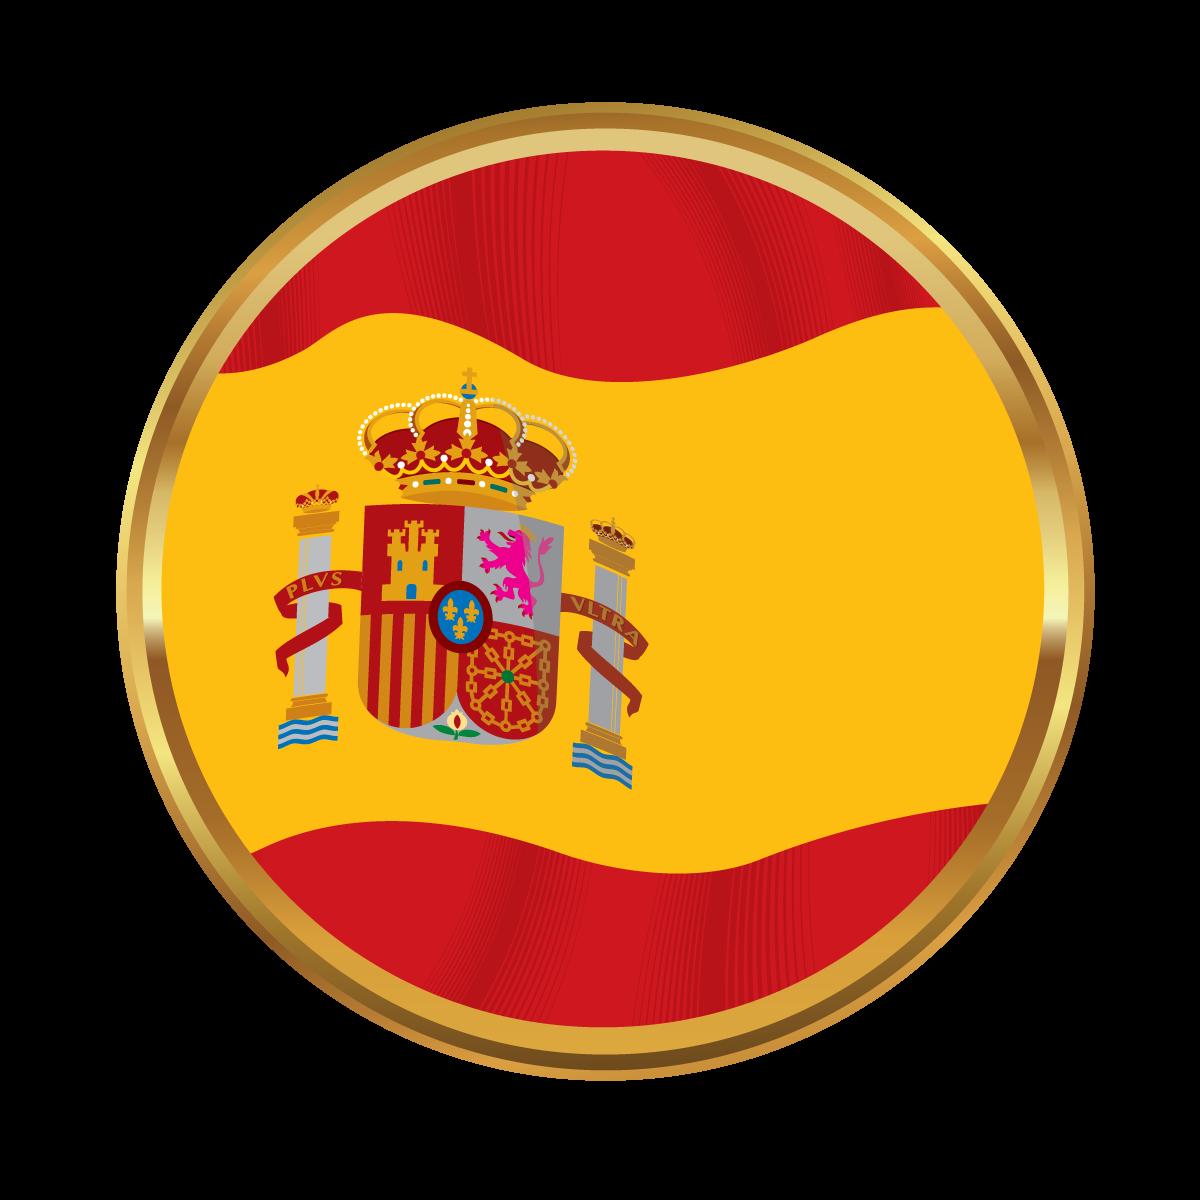 สารอาหารกันแดดนำเข้าจากประเทศ สเปน